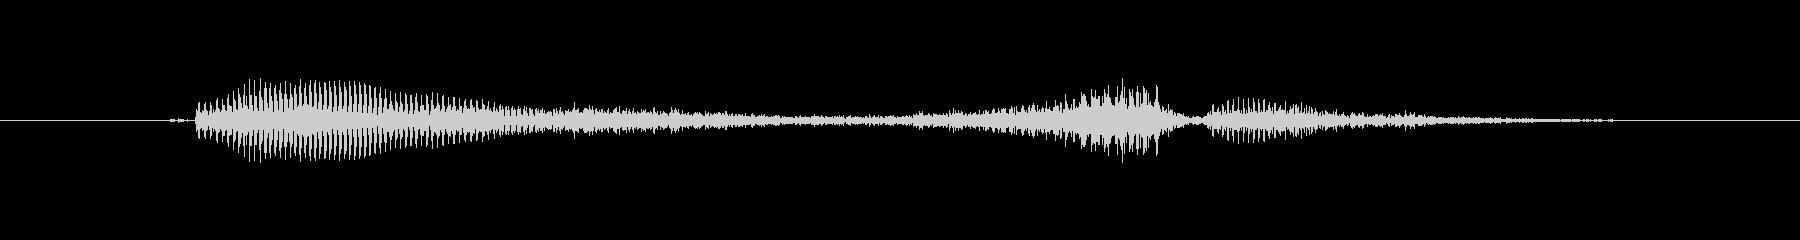 yoisho's unreproduced waveform